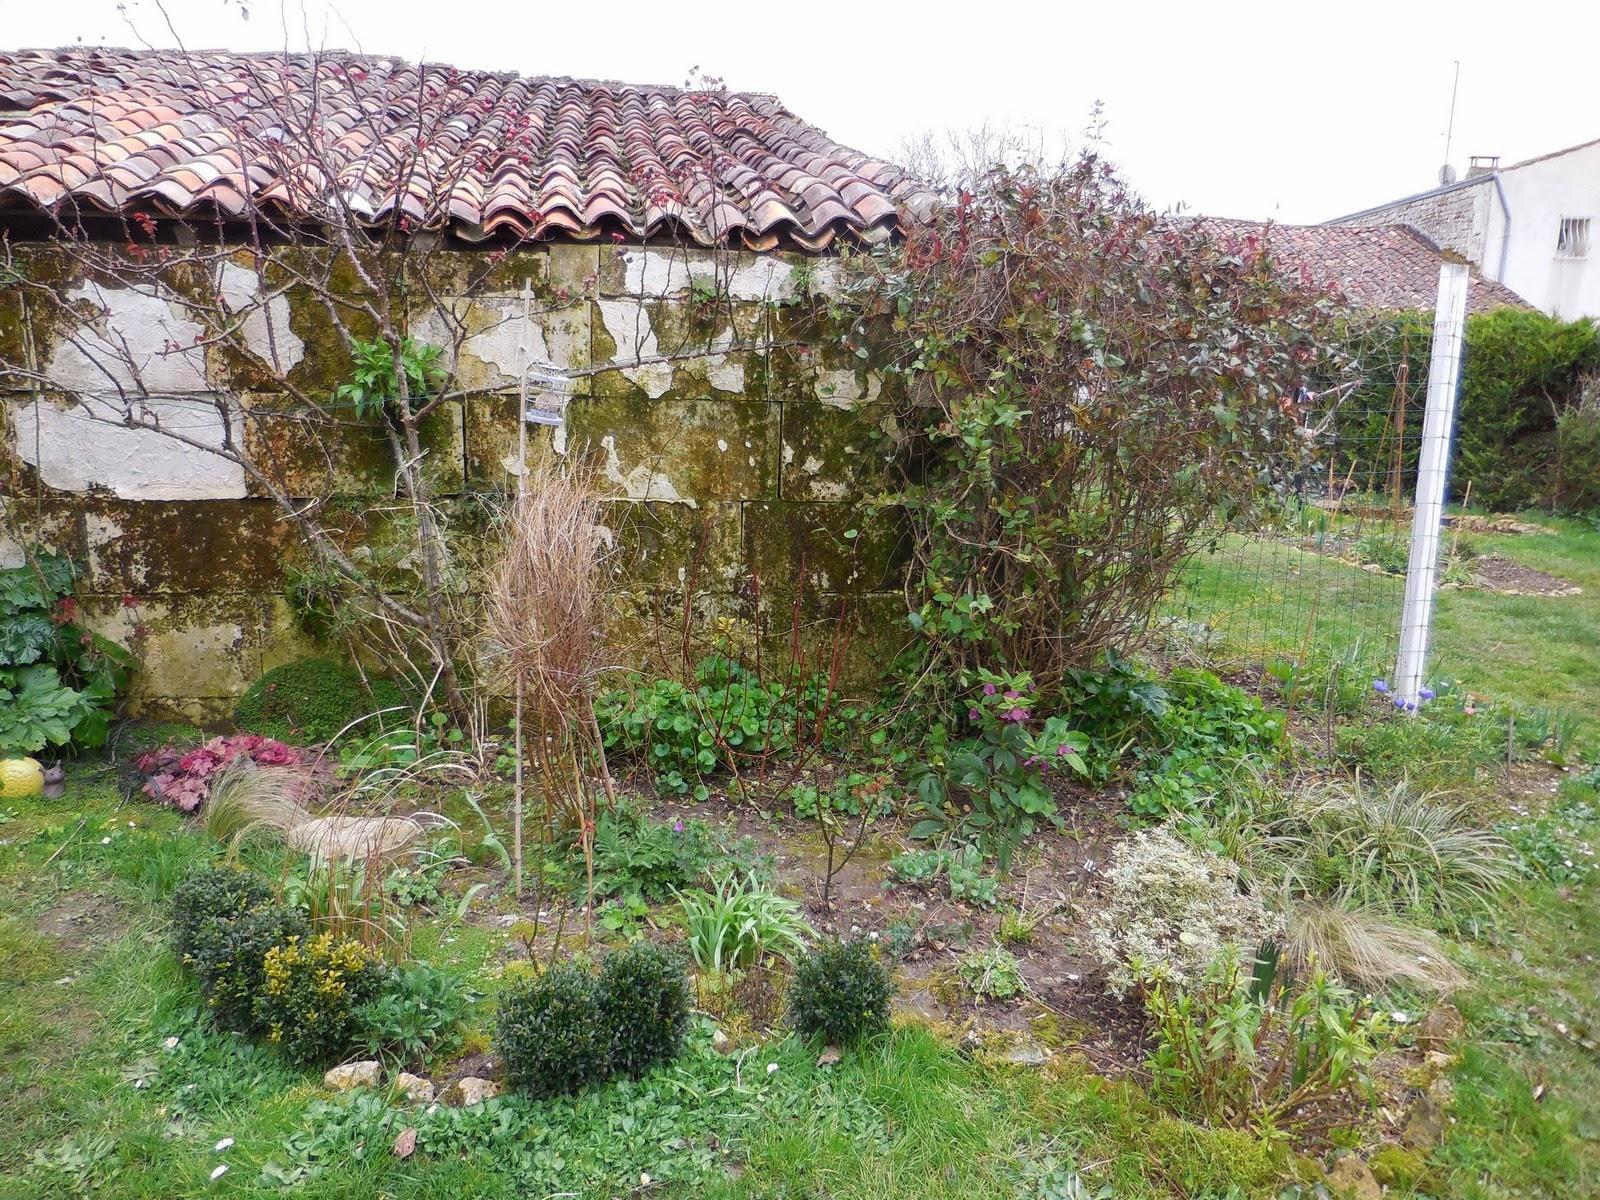 DSCN1690 Unique De Parterre De Fleurs Devant Maison Schème